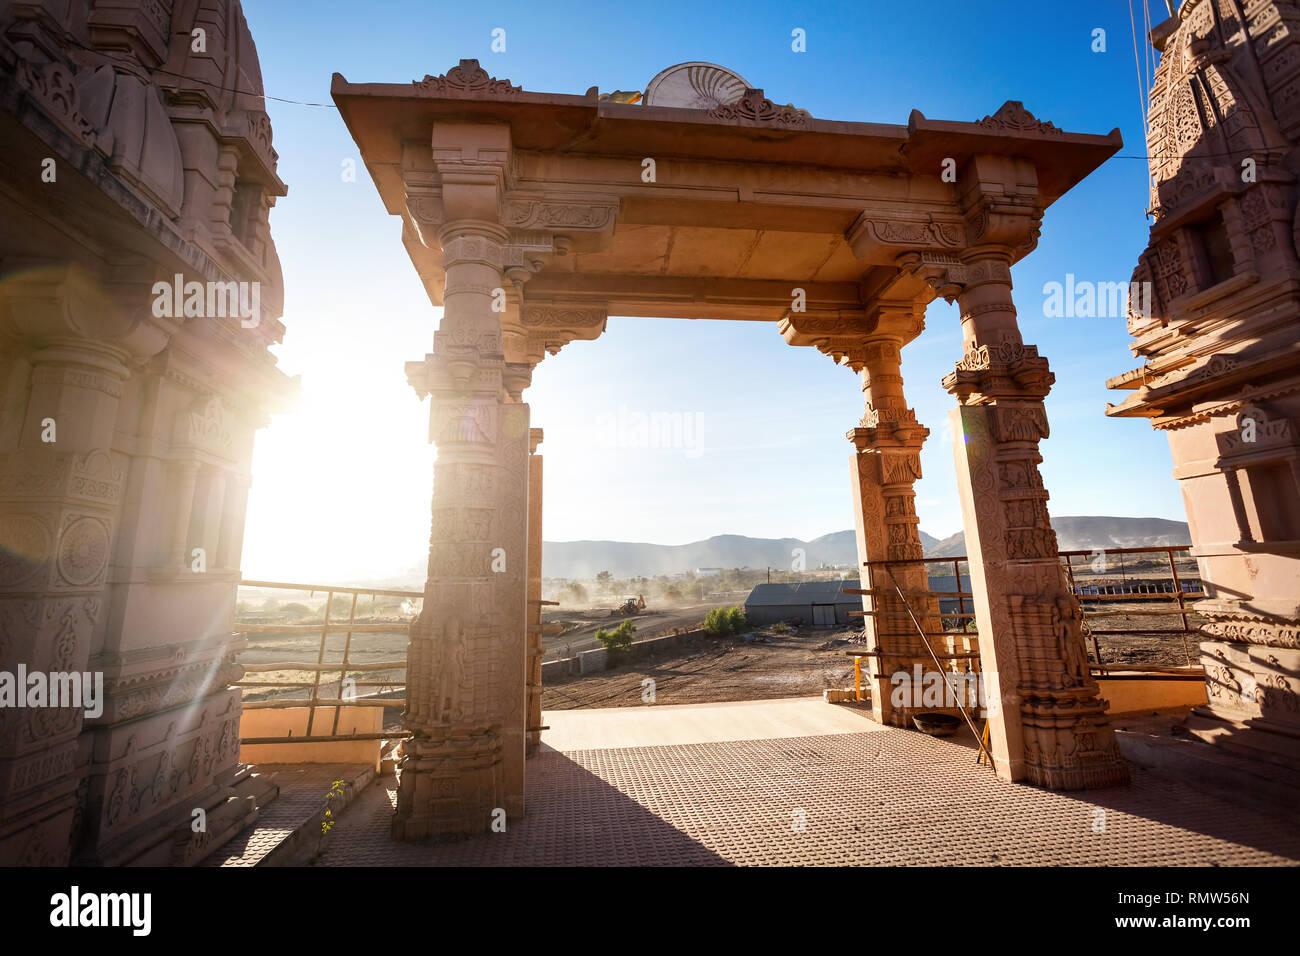 Tempio indiano arch al tramonto in Nasik, Maharashtra, India Immagini Stock